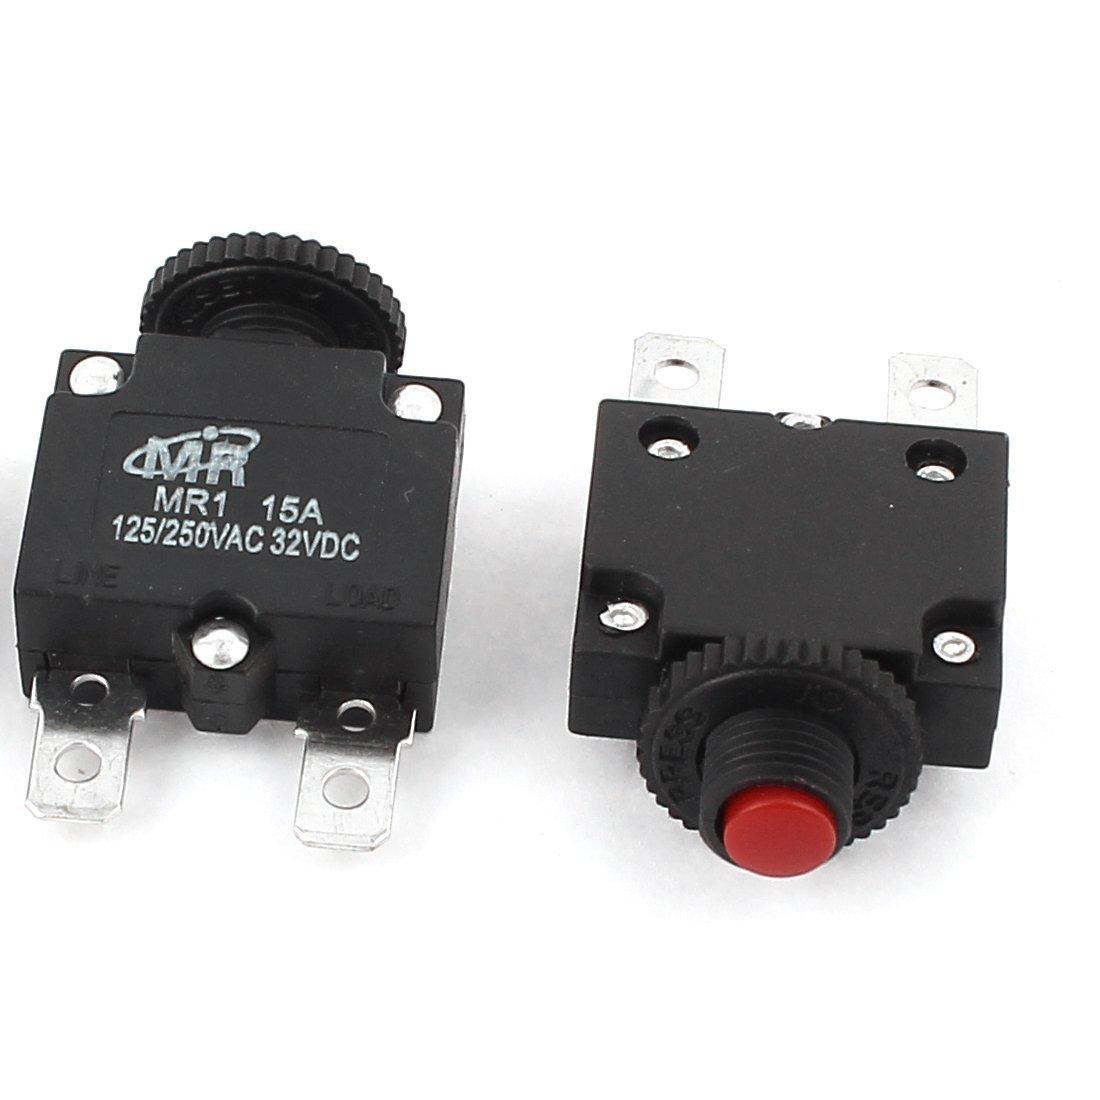 DC 32V AC 125V / 250V 15A Push Button Circuito de rearme del disyuntor 3pcs Negro - - Amazon.com